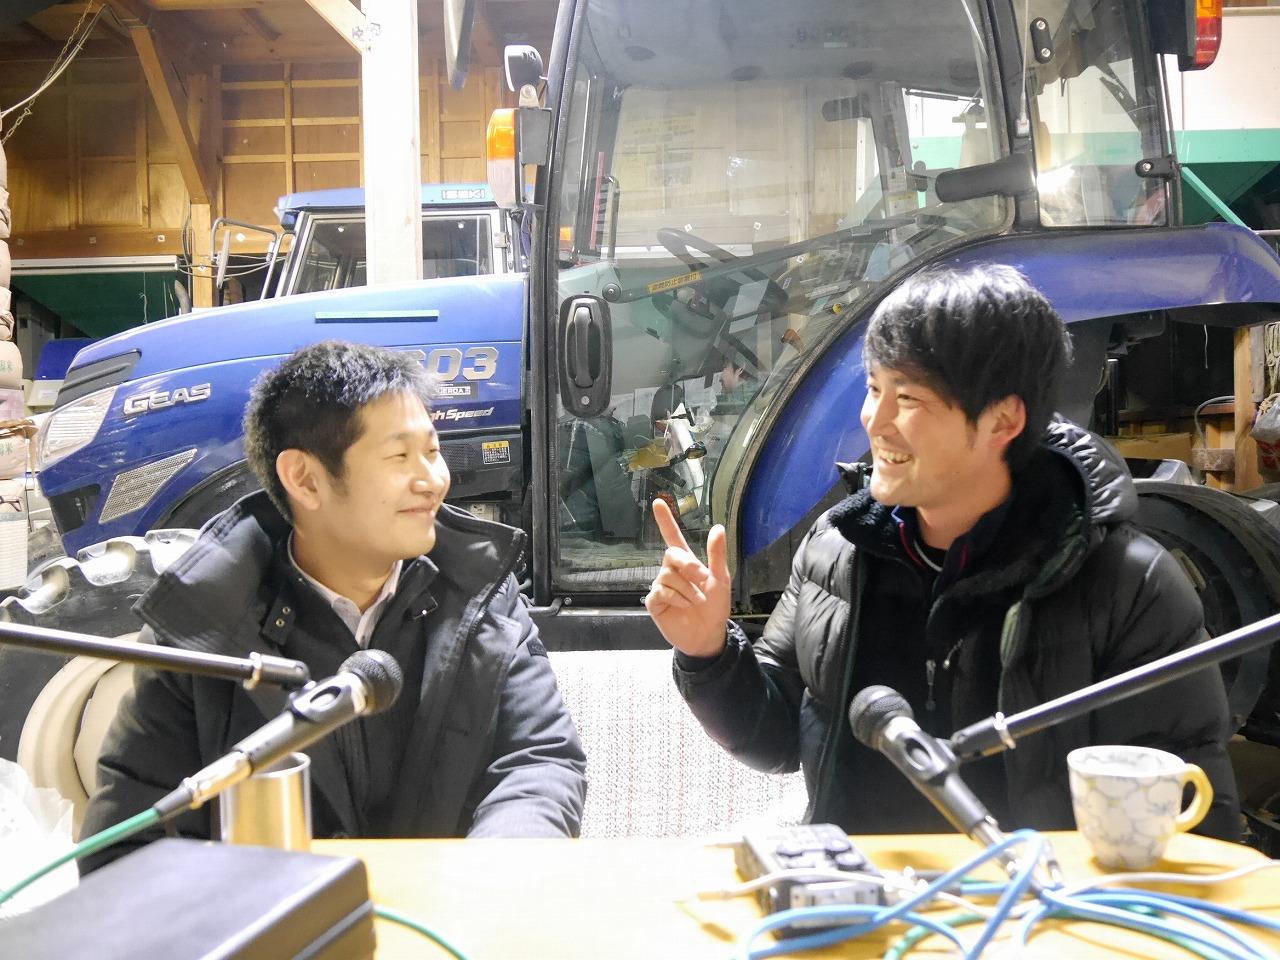 Ep039.長部茂幸さん(後半)プロ農家になるまでの道のりと、次世代農業への挑戦